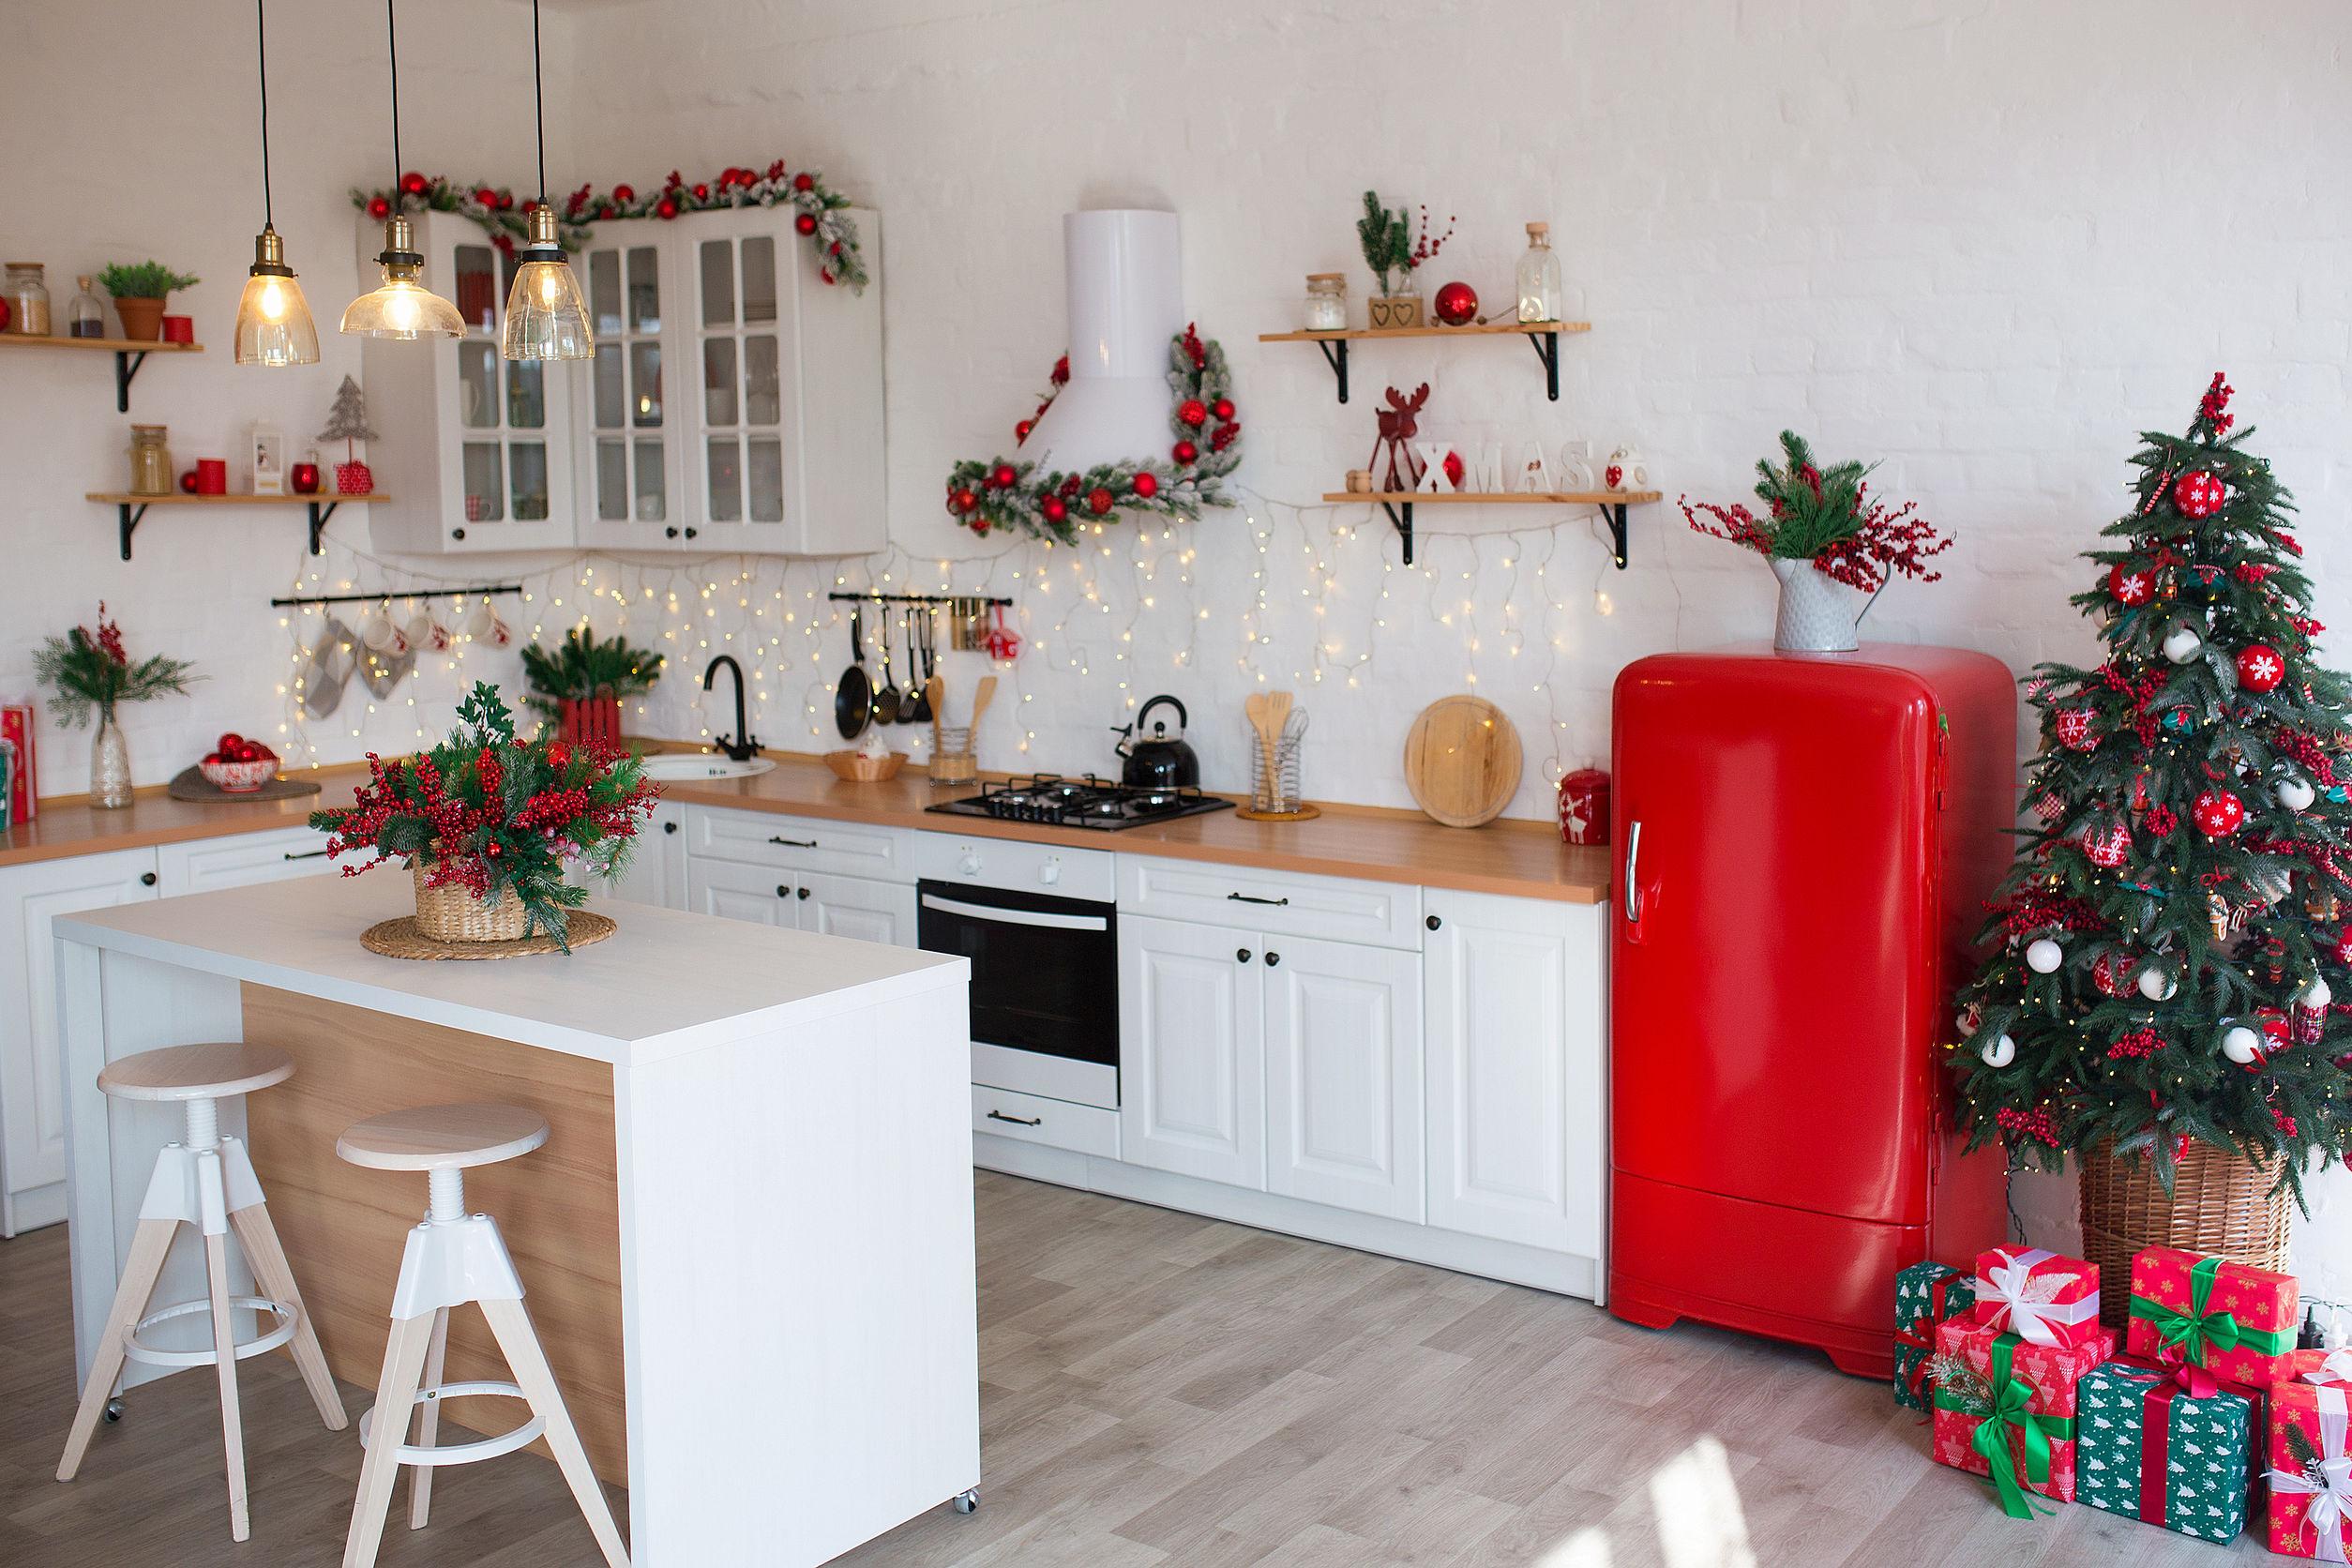 Interior de cocina moderna con isla, fregadero, gabinetes en nueva casa de lujo decorada en estilo navideño